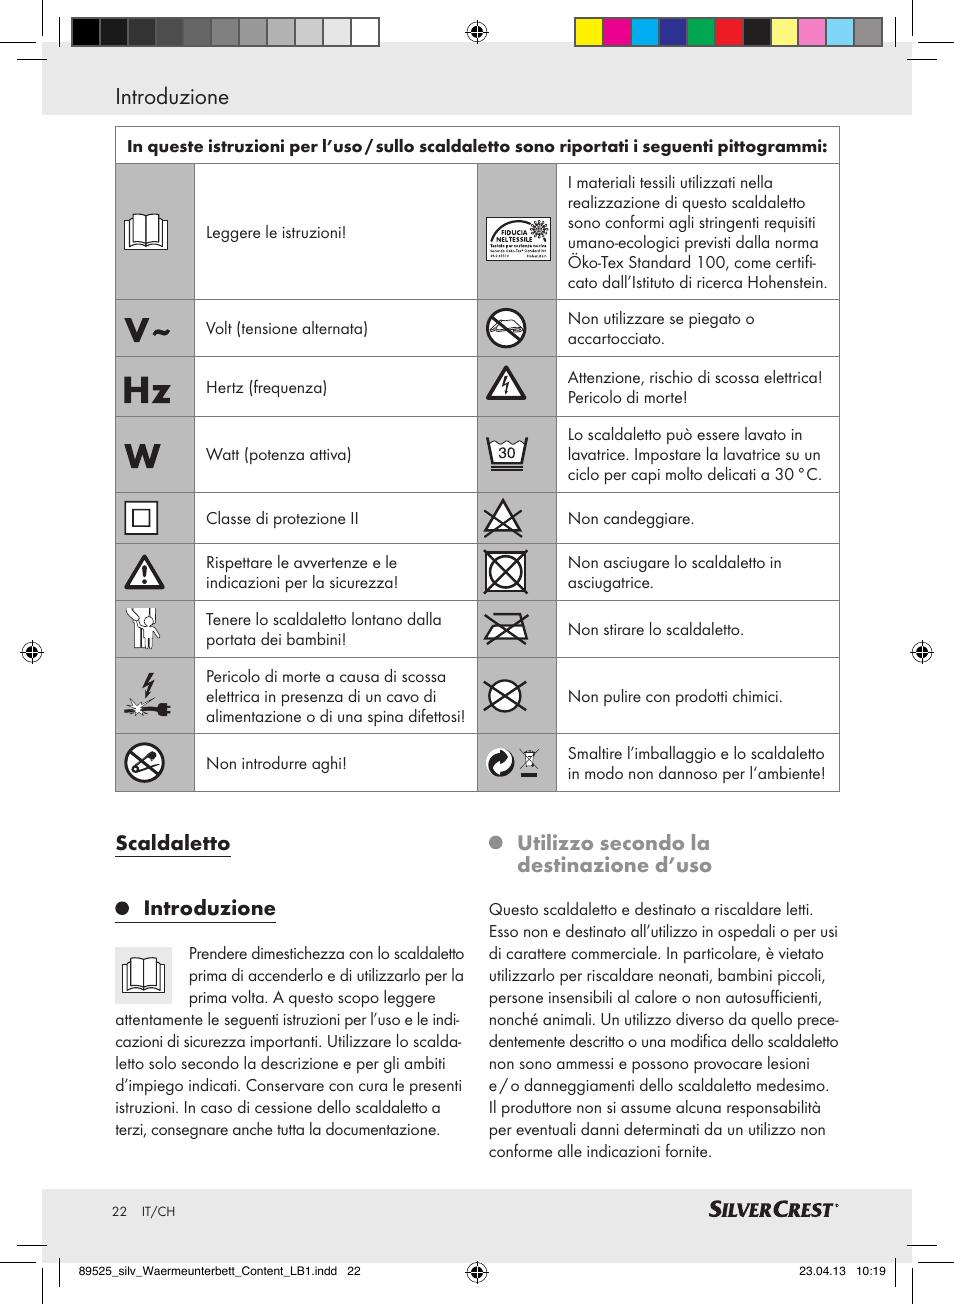 Introduzione, Scaldaletto introduzione, Utilizzo secondo